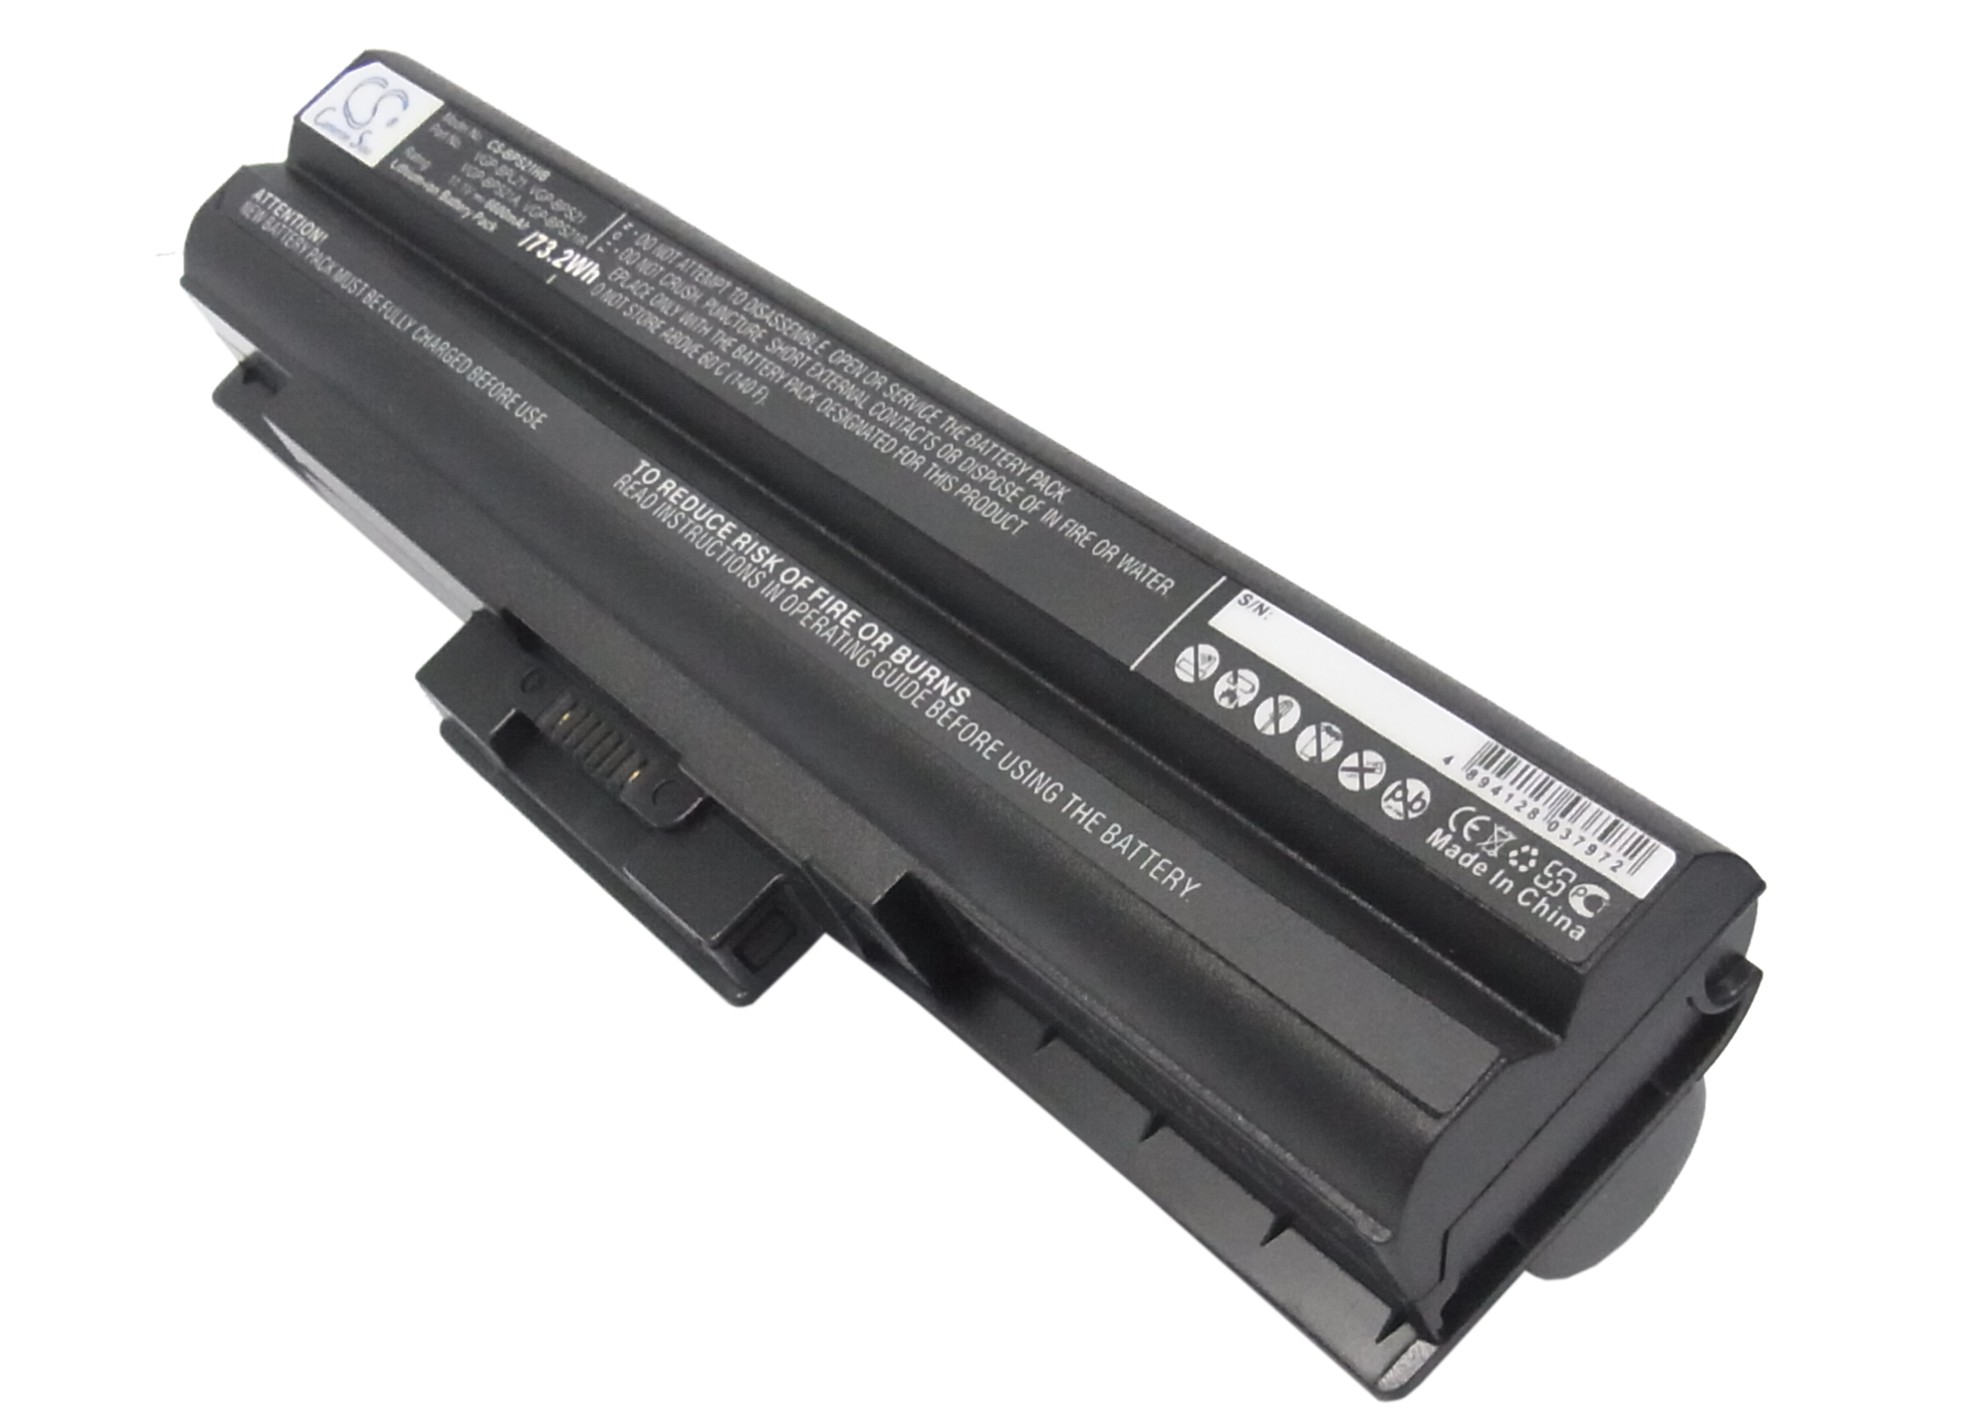 Cameron Sino baterie do notebooků pro SONY VAIO VPCY21S1E/P 11.1V Li-ion 6600mAh černá - neoriginální